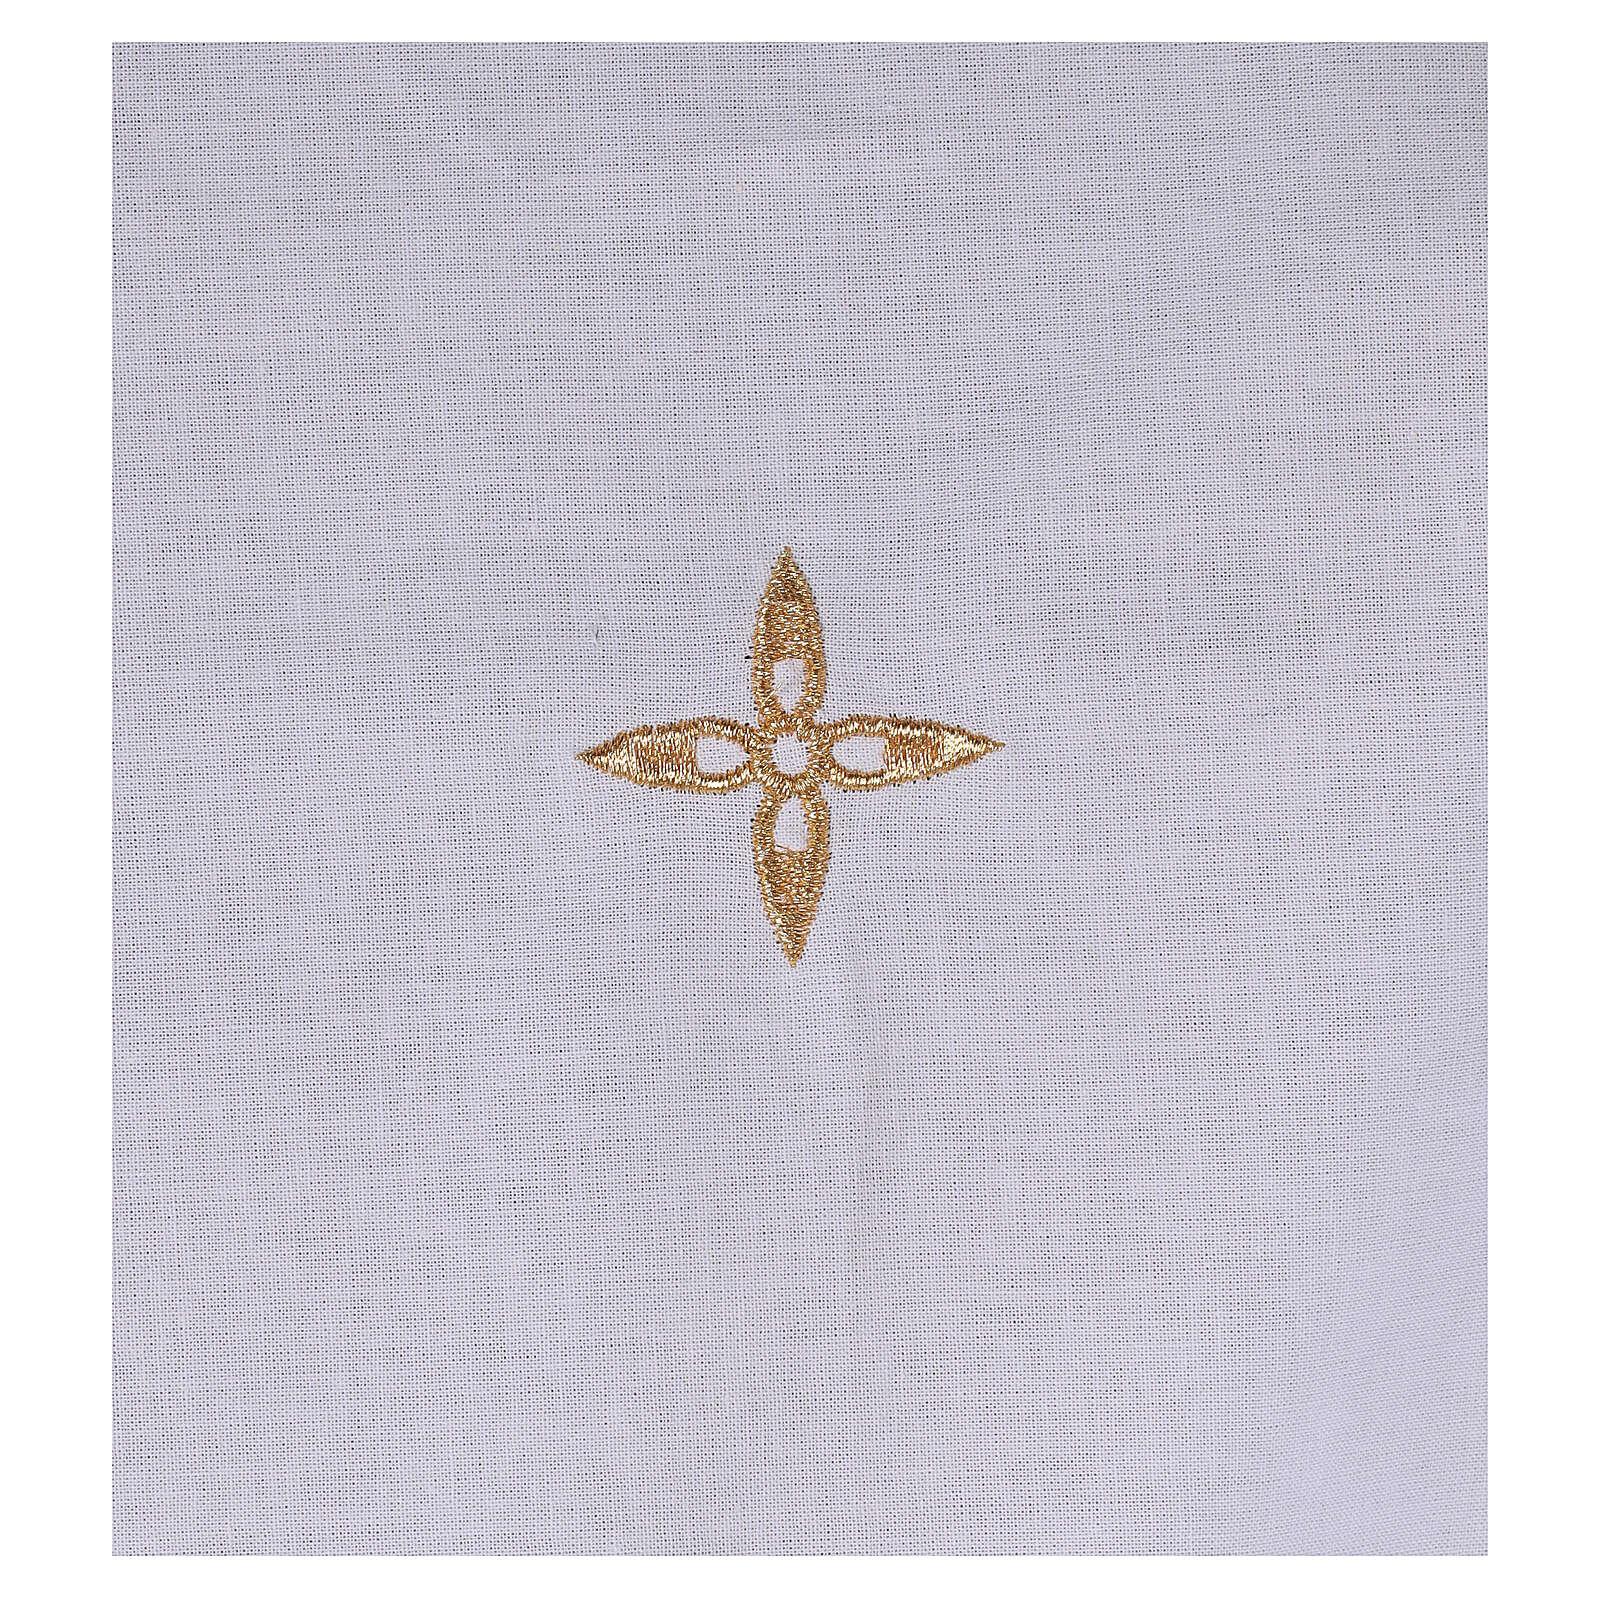 Amitto in cotone con croce a fiore dorata ricamata 4